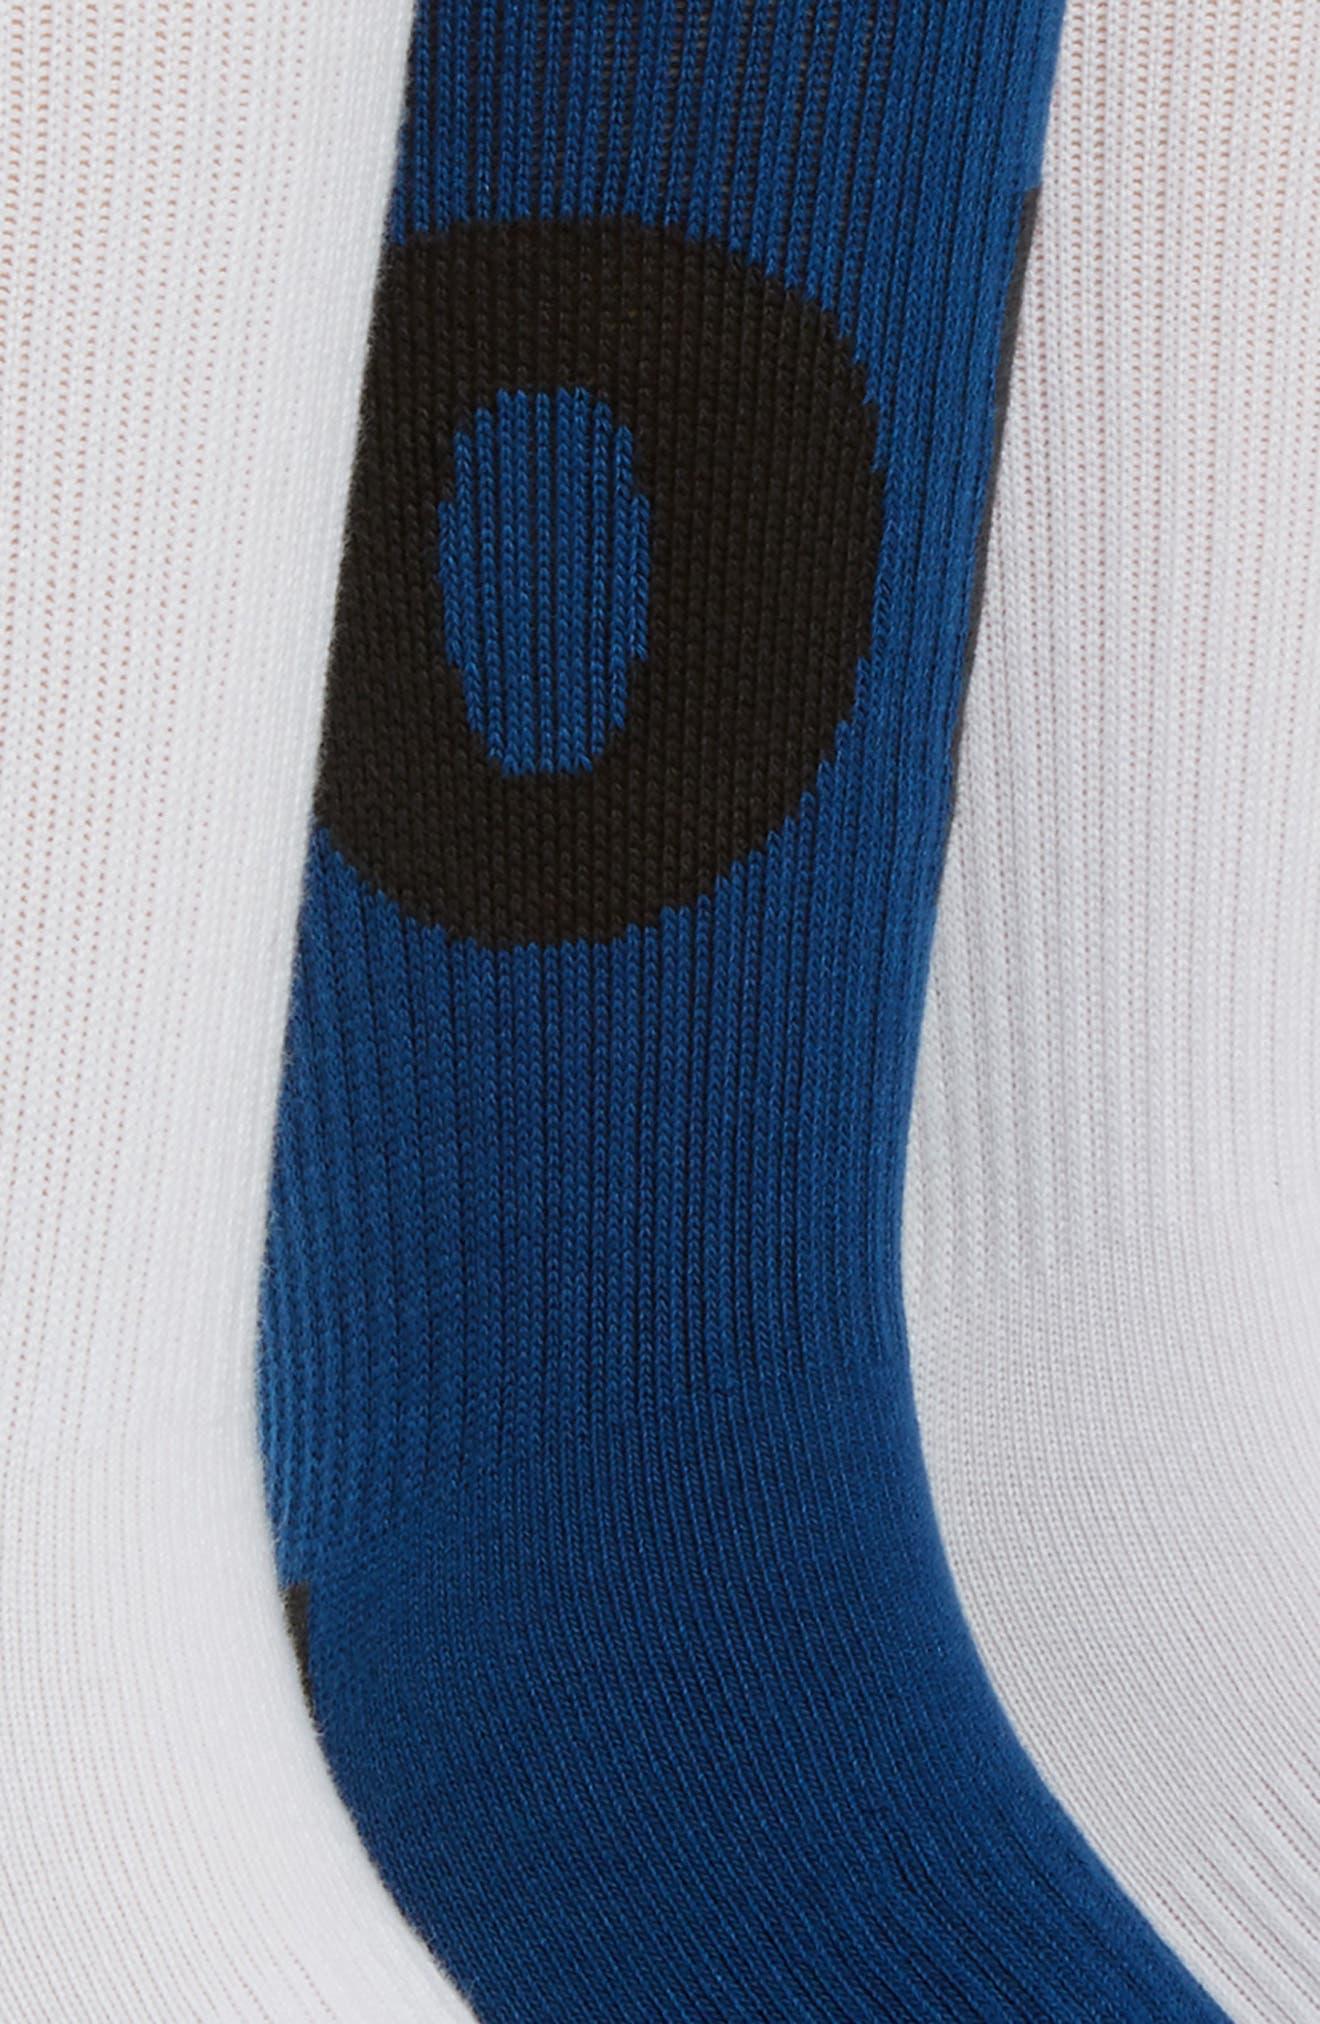 HBR 2-Pack Socks,                             Alternate thumbnail 2, color,                             Binary Blue/ White